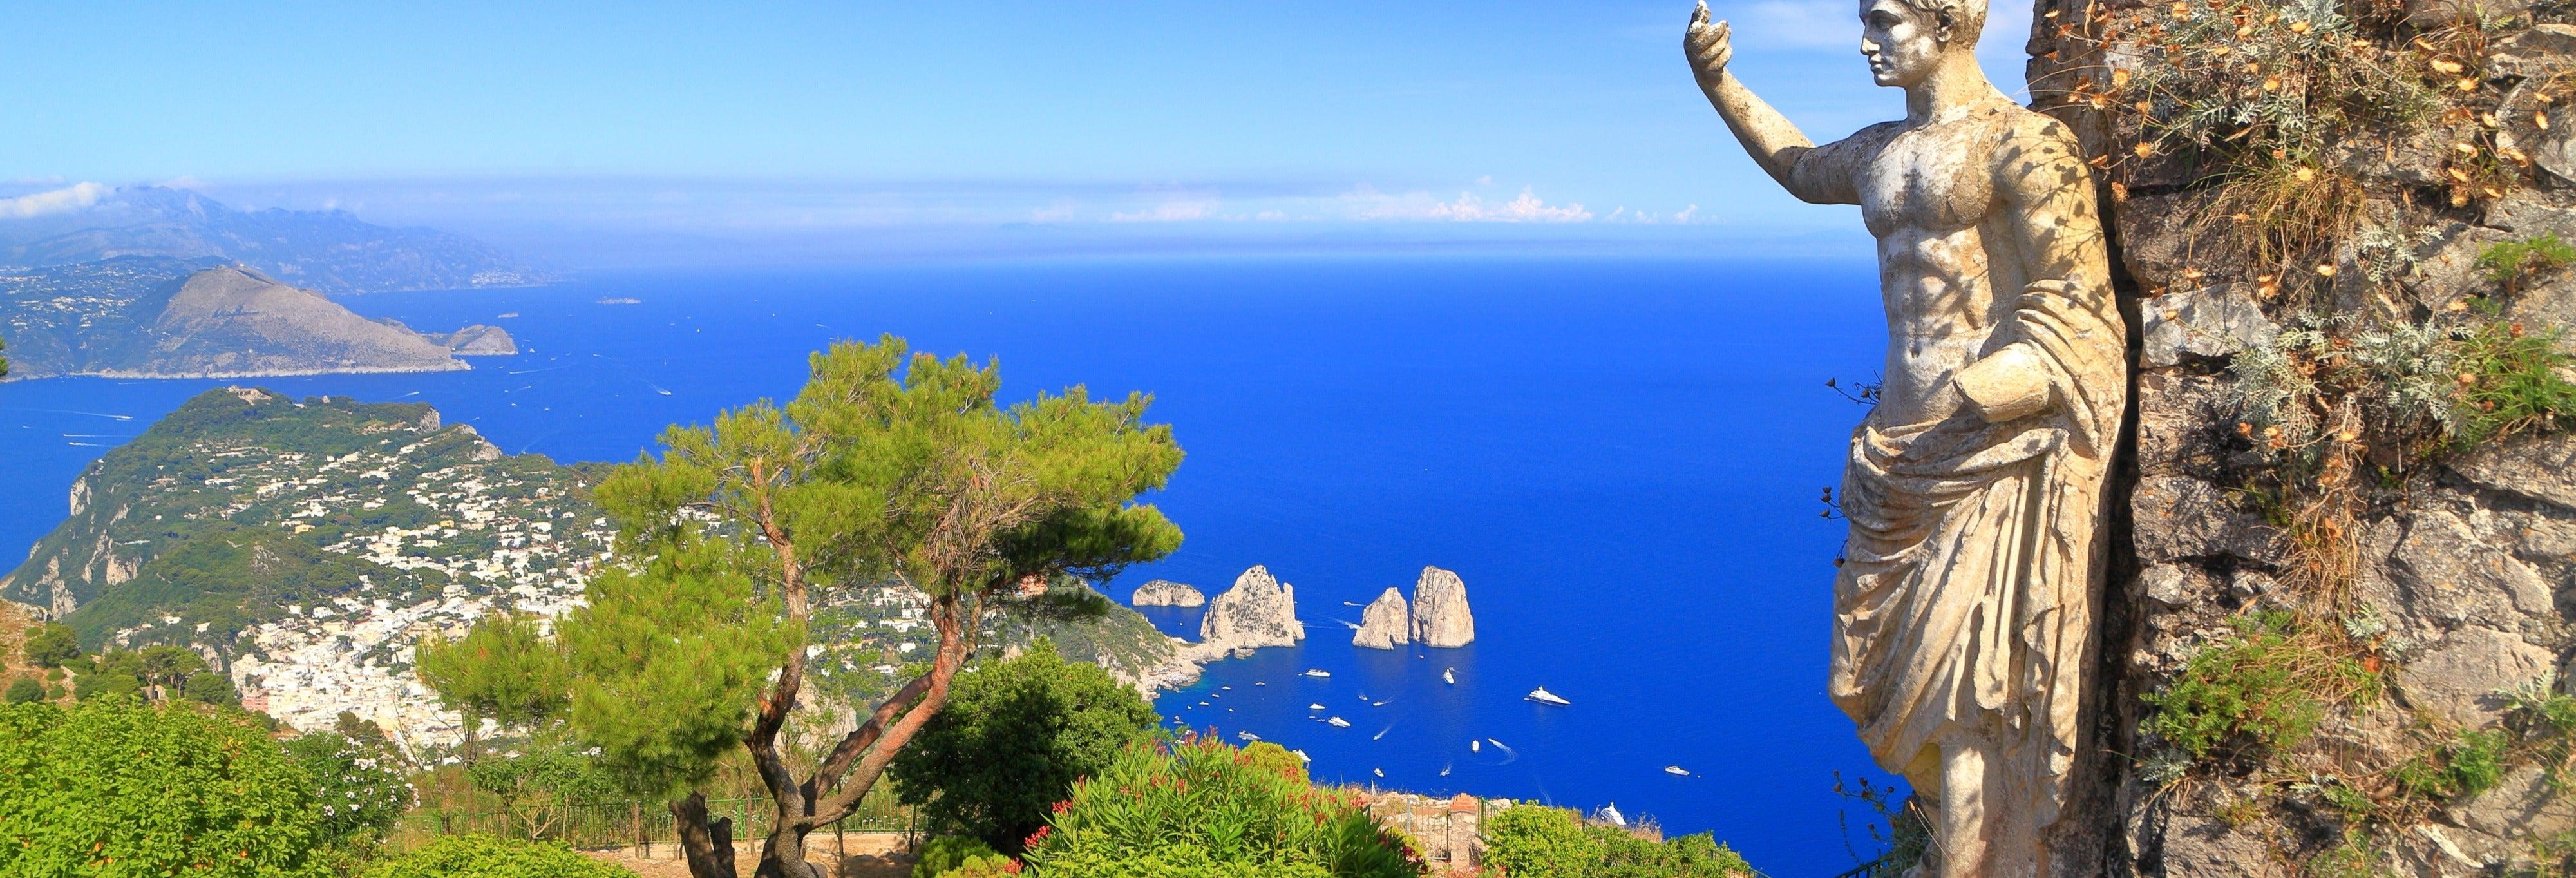 Excursão a Capri e Sorrento